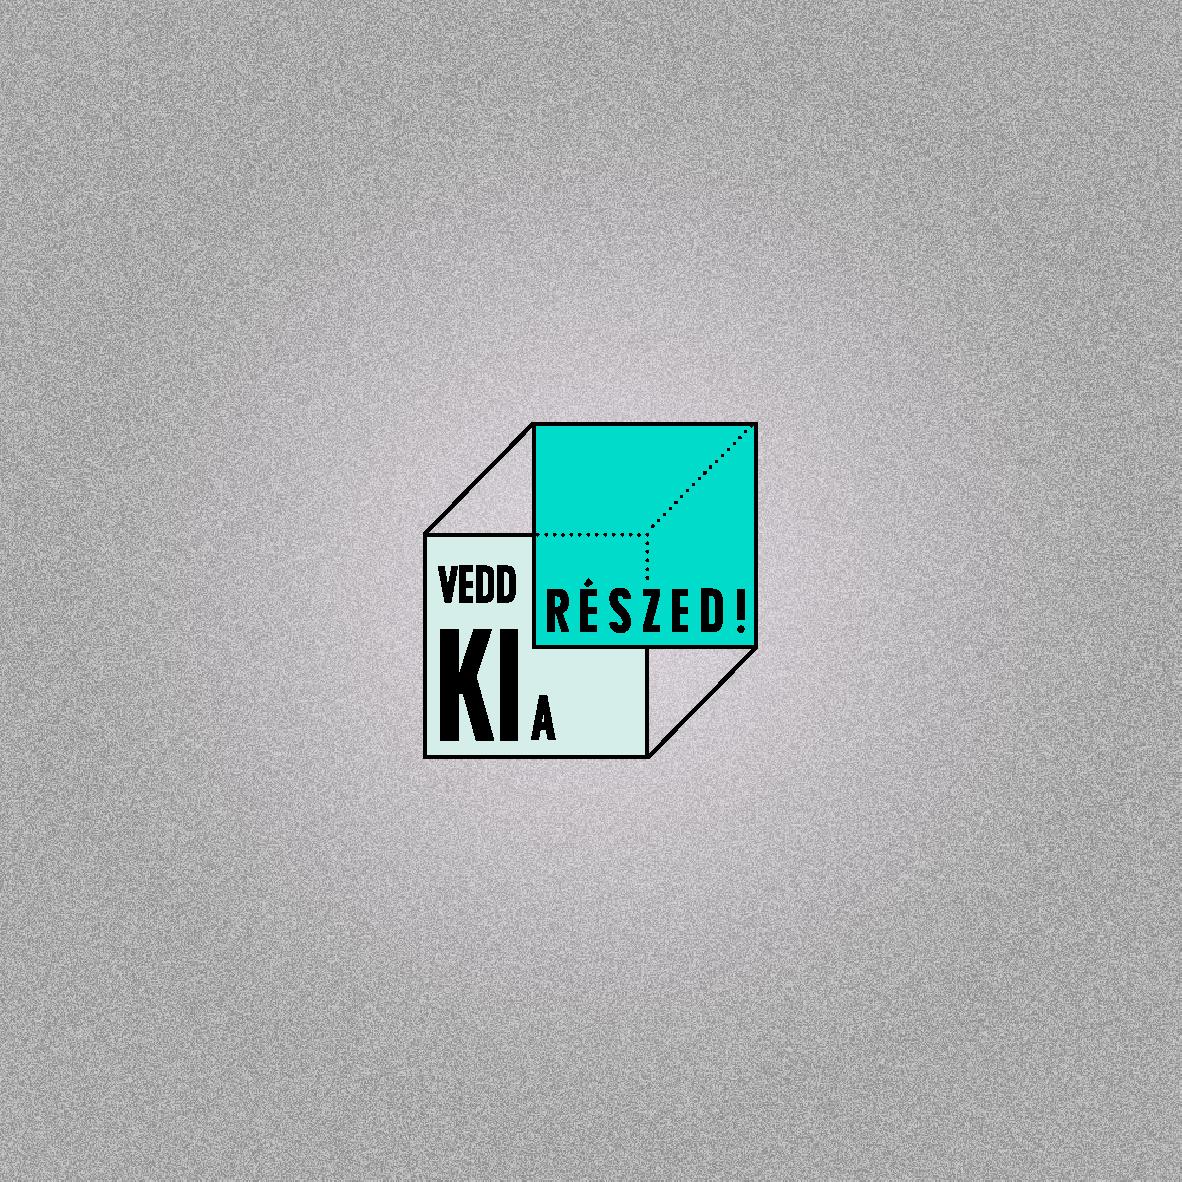 reakt_veddki16